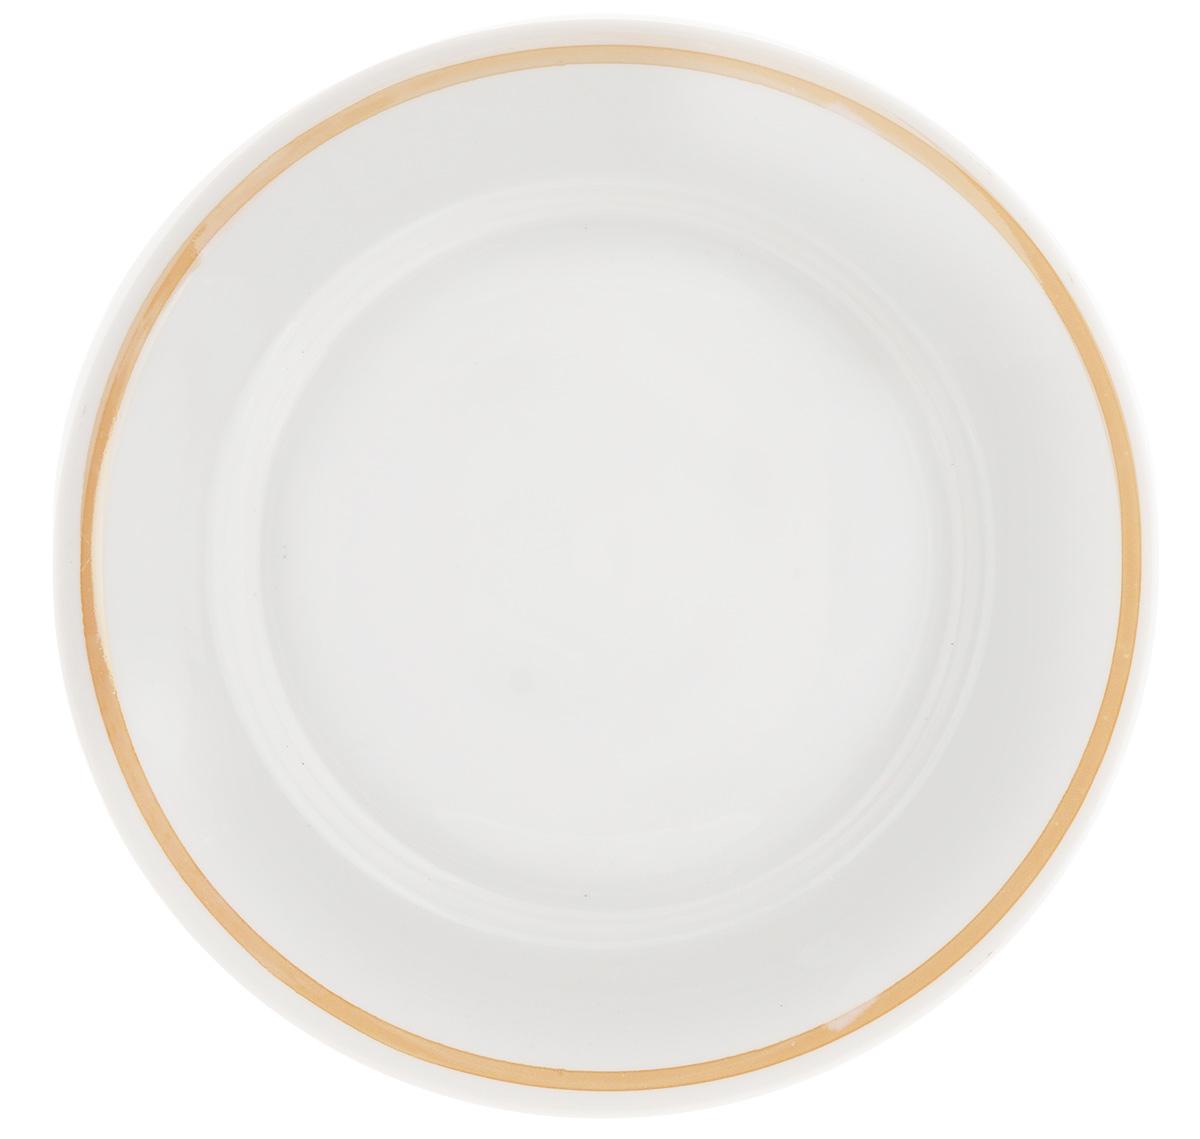 Тарелка десертная Фарфор Вербилок, диаметр 20 см. 8121240115510Десертная тарелка Фарфор Вербилок, изготовленная из фарфора. Такая тарелка прекрасно подходит как для торжественных случаев, так и для повседневного использования. Идеальна для подачи десертов, пирожных, тортов и многого другого. Она прекрасно оформит стол и станет отличным дополнением к вашей коллекции кухонной посуды. Диаметр тарелки (по верхнему краю): 20 см.